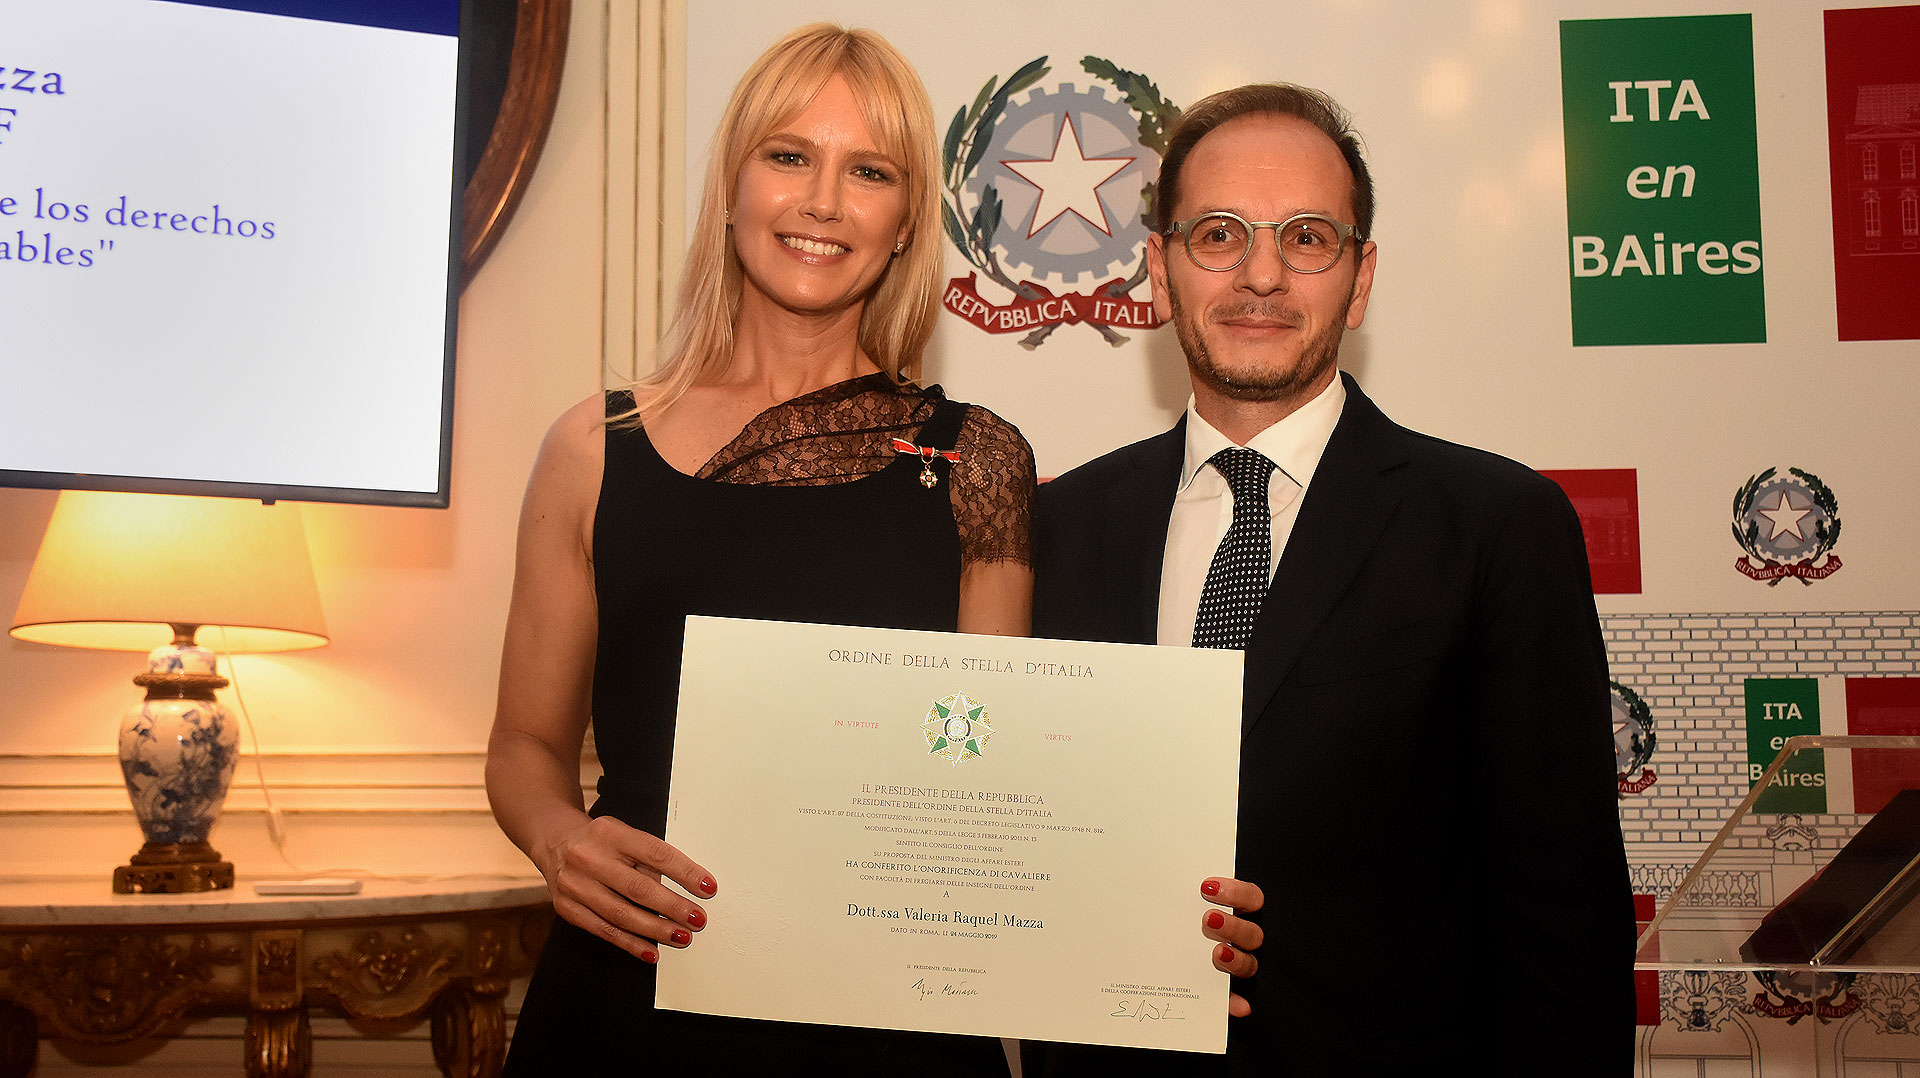 """Valeria Mazza junto al embajador de Italia en la Argentina, Giuseppe Manzo, en la ceremonia donde la modelo y empresaria fue reconocida con la condecoración del """"Ordine della Stella d'Italia"""""""